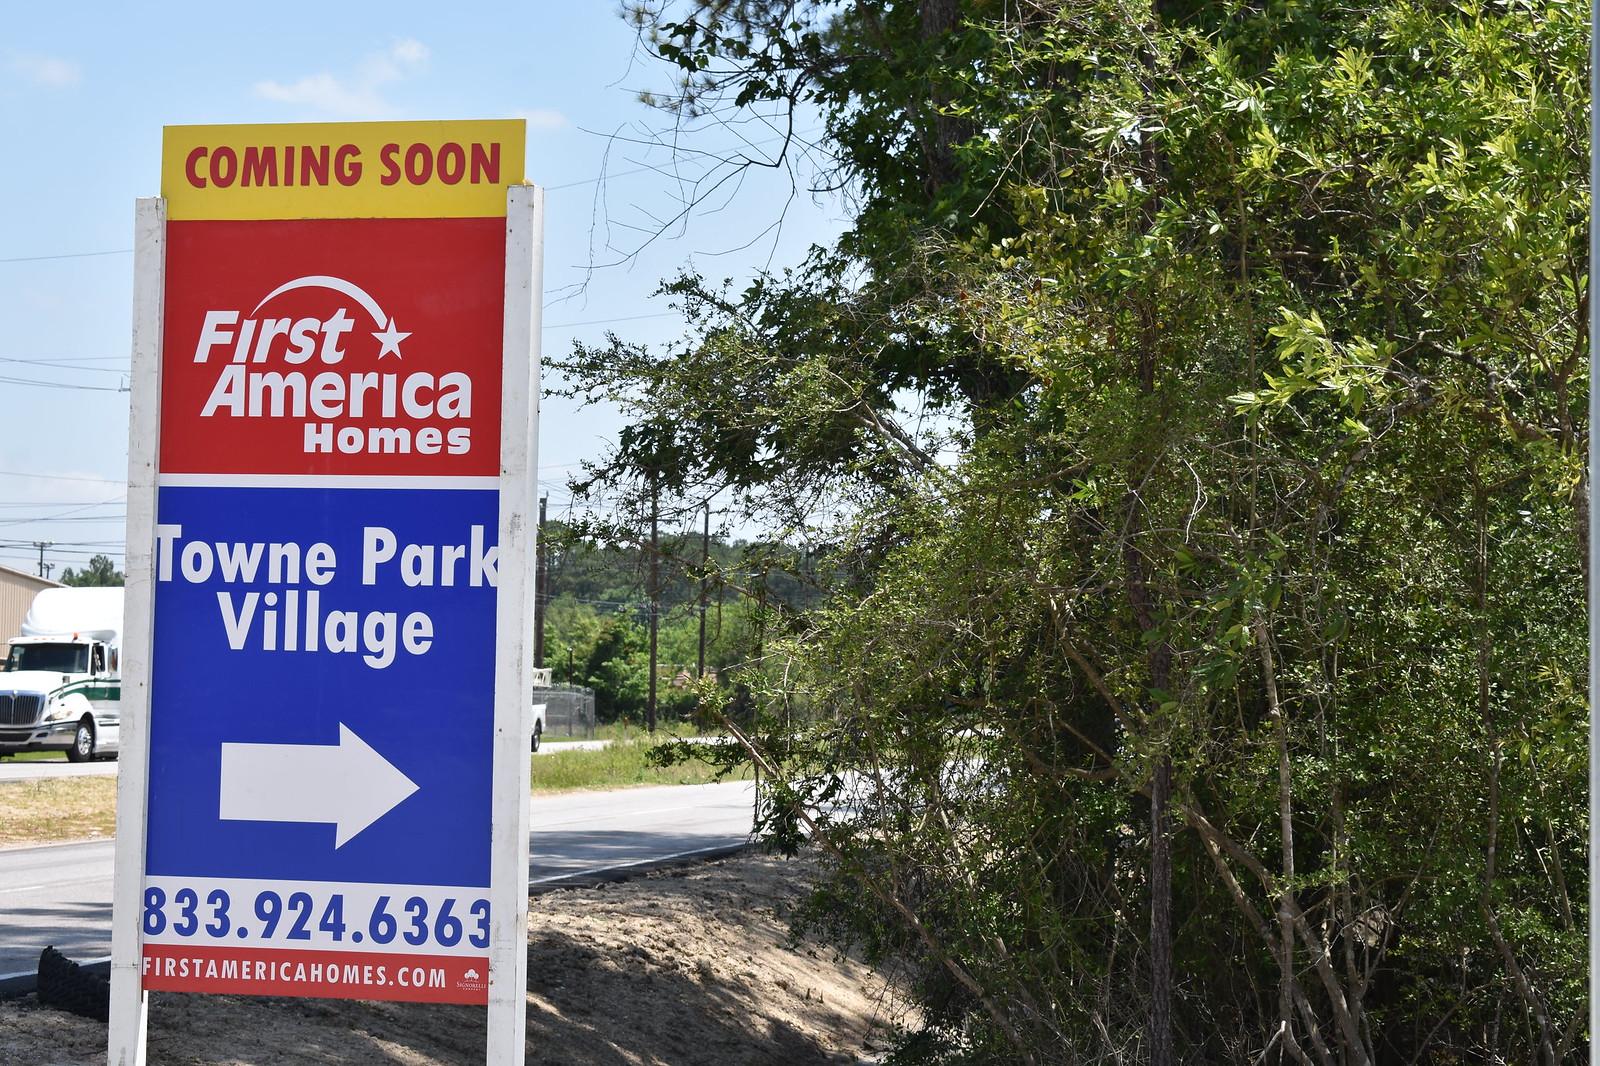 Towne Park Village